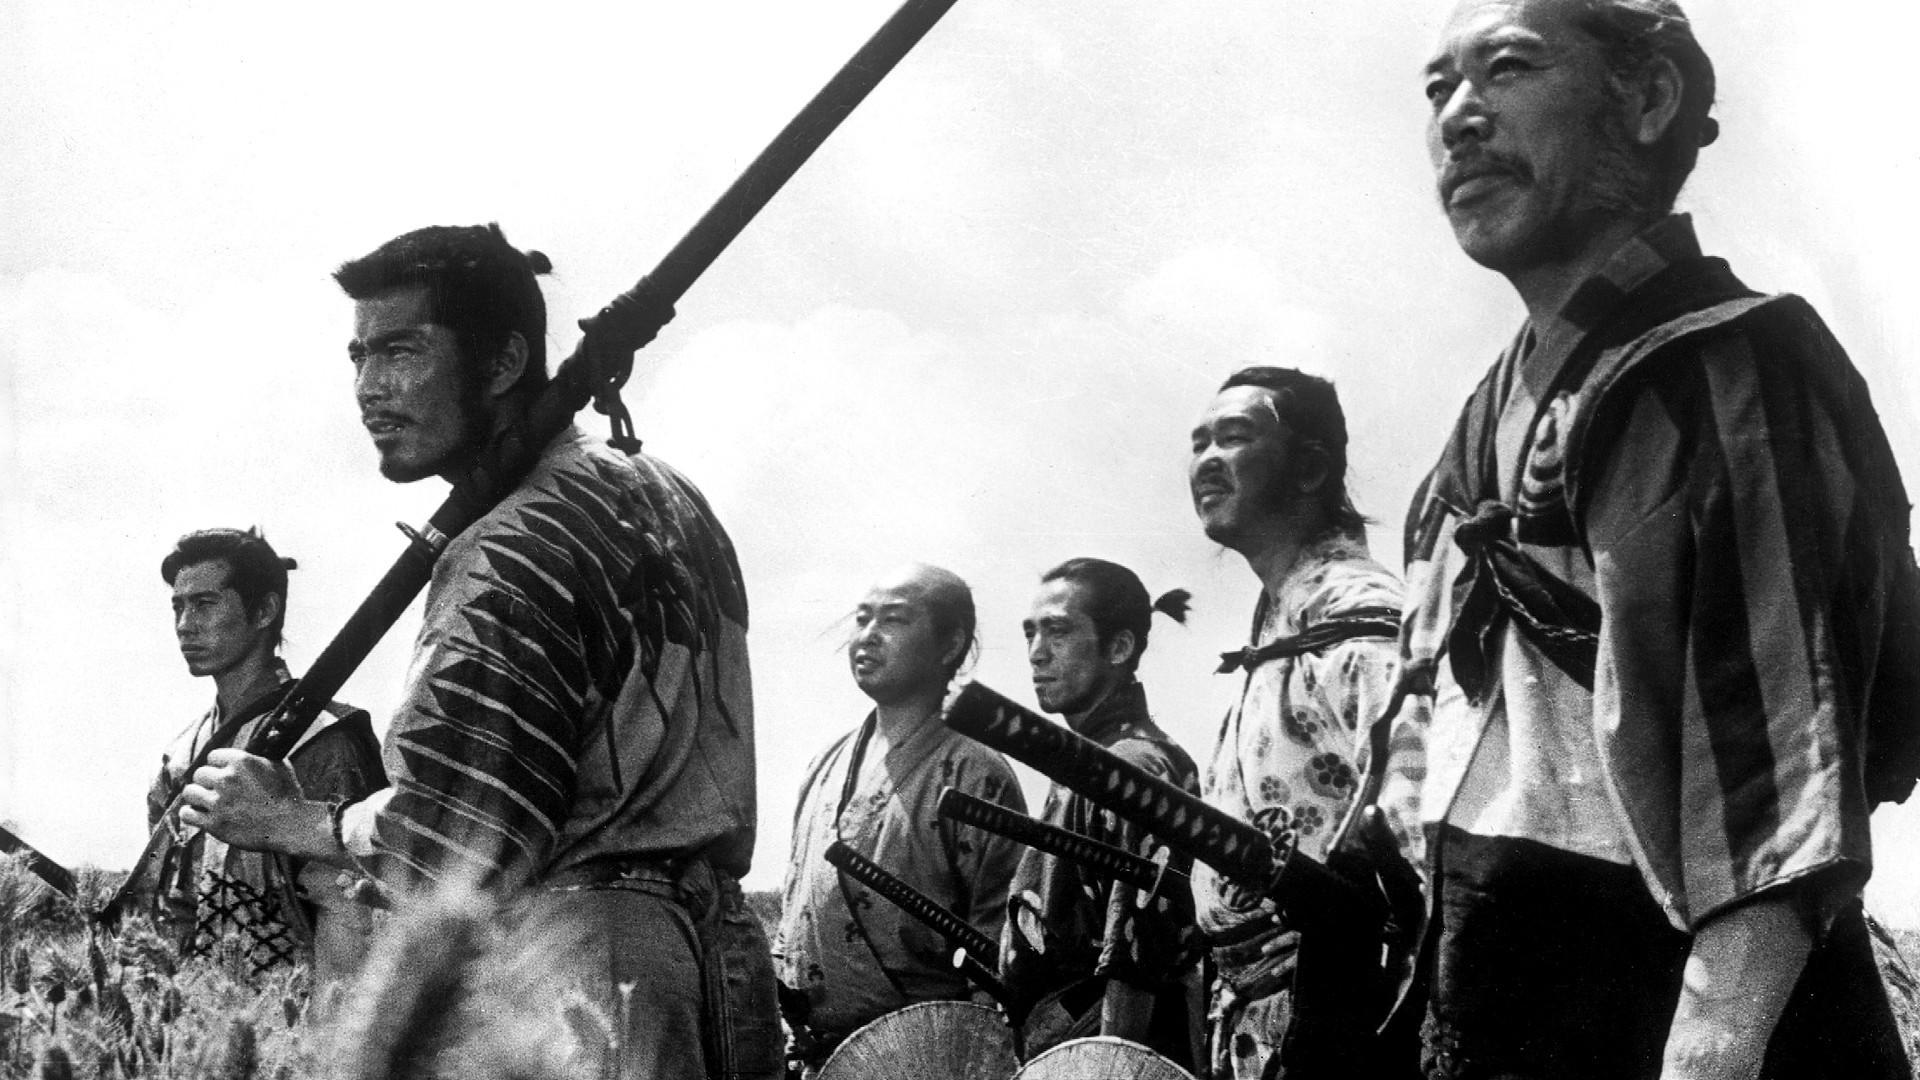 Les Sept Samouraïs de Akira Kurosawa